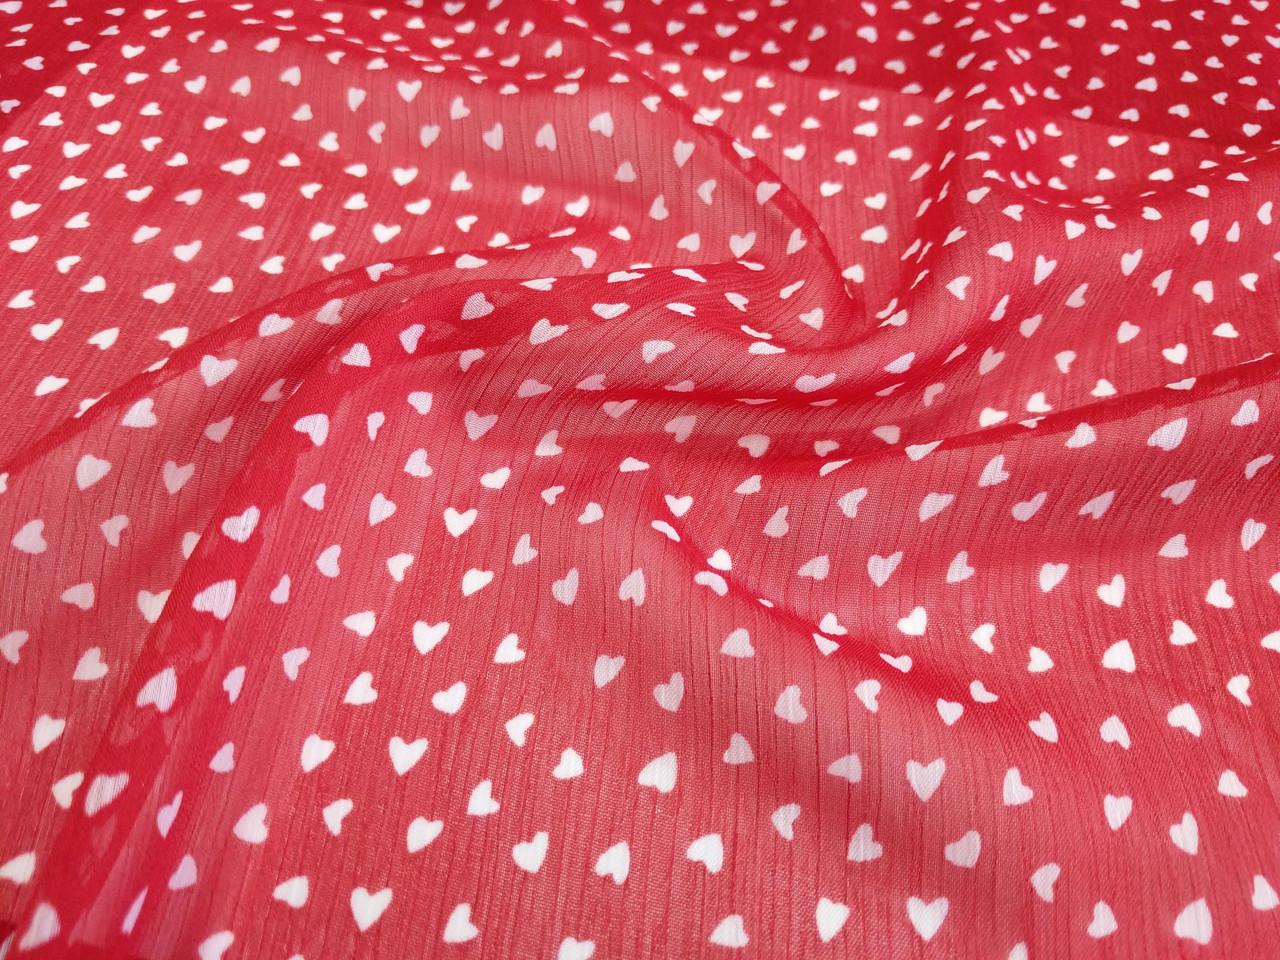 Шифон рисунок сердечки, красный